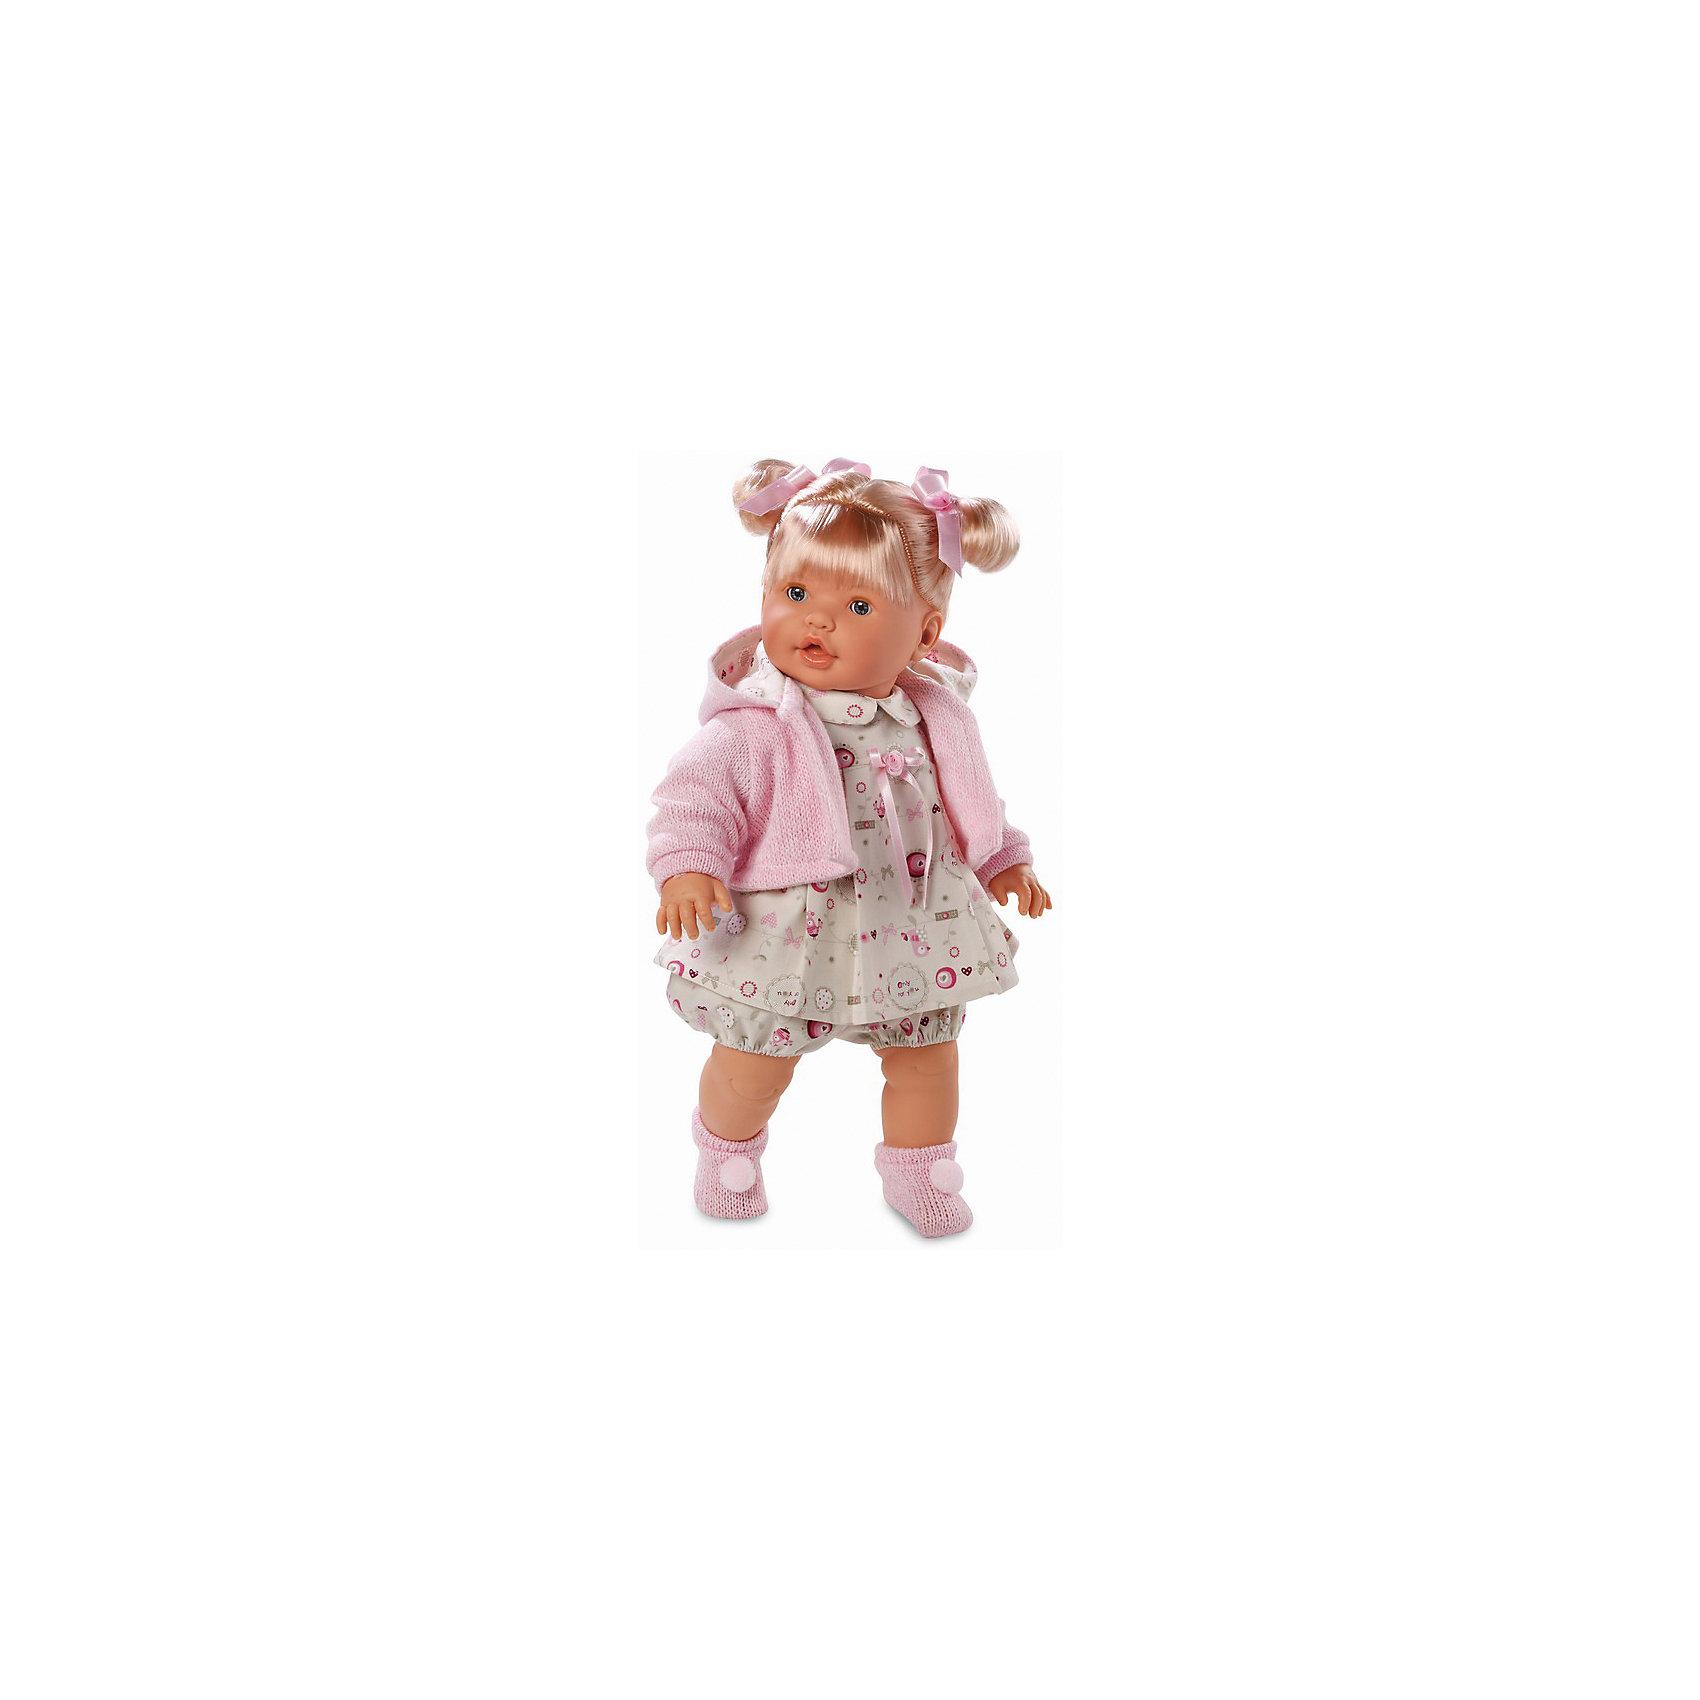 Кукла, 48 см, LlorensХарактеристики:<br><br>• Предназначение: для сюжетно-ролевых игр<br>• Тип куклы: мягконабивная<br>• Пол куклы: девочка <br>• Цвет волос: блондинка<br>• Материал: поливинилхлорид, пластик, нейлон, текстиль<br>• Цвет: розовый, белый, бежевый<br>• Высота куклы: 48 см<br>• Комплектация: кукла, платье, панталончики, носочки, кофточка<br>• Вес: 1 кг 750 г<br>• Размеры упаковки (Д*В*Ш): 23*45*12 см<br>• Упаковка: подарочная картонная коробка <br>• Особенности ухода: допускается деликатная стирка без использования красящих и отбеливающих средств предметов одежды куклы<br><br>Кукла 48 см без звука – кукла, производителем которого является всемирно известный испанский кукольный бренд Llorens. Куклы этой торговой марки имеют свою неповторимую внешность и целую линейку образов как пупсов, так и кукол-малышей. Игрушки выполнены из сочетания поливинилхлорида и пластика, что позволяет с высокой долей достоверности воссоздать физиологические и мимические особенности маленьких детей. При изготовлении кукол Llorens используются только сертифицированные материалы, безопасные и не вызывающие аллергических реакций. Волосы у кукол отличаются густотой, шелковистостью и блеском, при расчесывании они не выпадают и не ломаются.<br>Кукла 48 см без звука выполнена в образе малышки: у нее светлые волосы, собранные в два хвостика, и голубые глаза. Комплект одежды состоит из платьица с отложным воротничком, панталончиков, вязаной кофточки с капюшоном и розовых носочков с белыми помпонами.<br>Кукла 48 см без звука – это идеальный вариант для подарка к различным праздникам и торжествам.<br><br>Куклу 48 см без звука можно купить в нашем интернет-магазине.<br><br>Ширина мм: 23<br>Глубина мм: 45<br>Высота мм: 12<br>Вес г: 1750<br>Возраст от месяцев: 36<br>Возраст до месяцев: 84<br>Пол: Женский<br>Возраст: Детский<br>SKU: 5086921